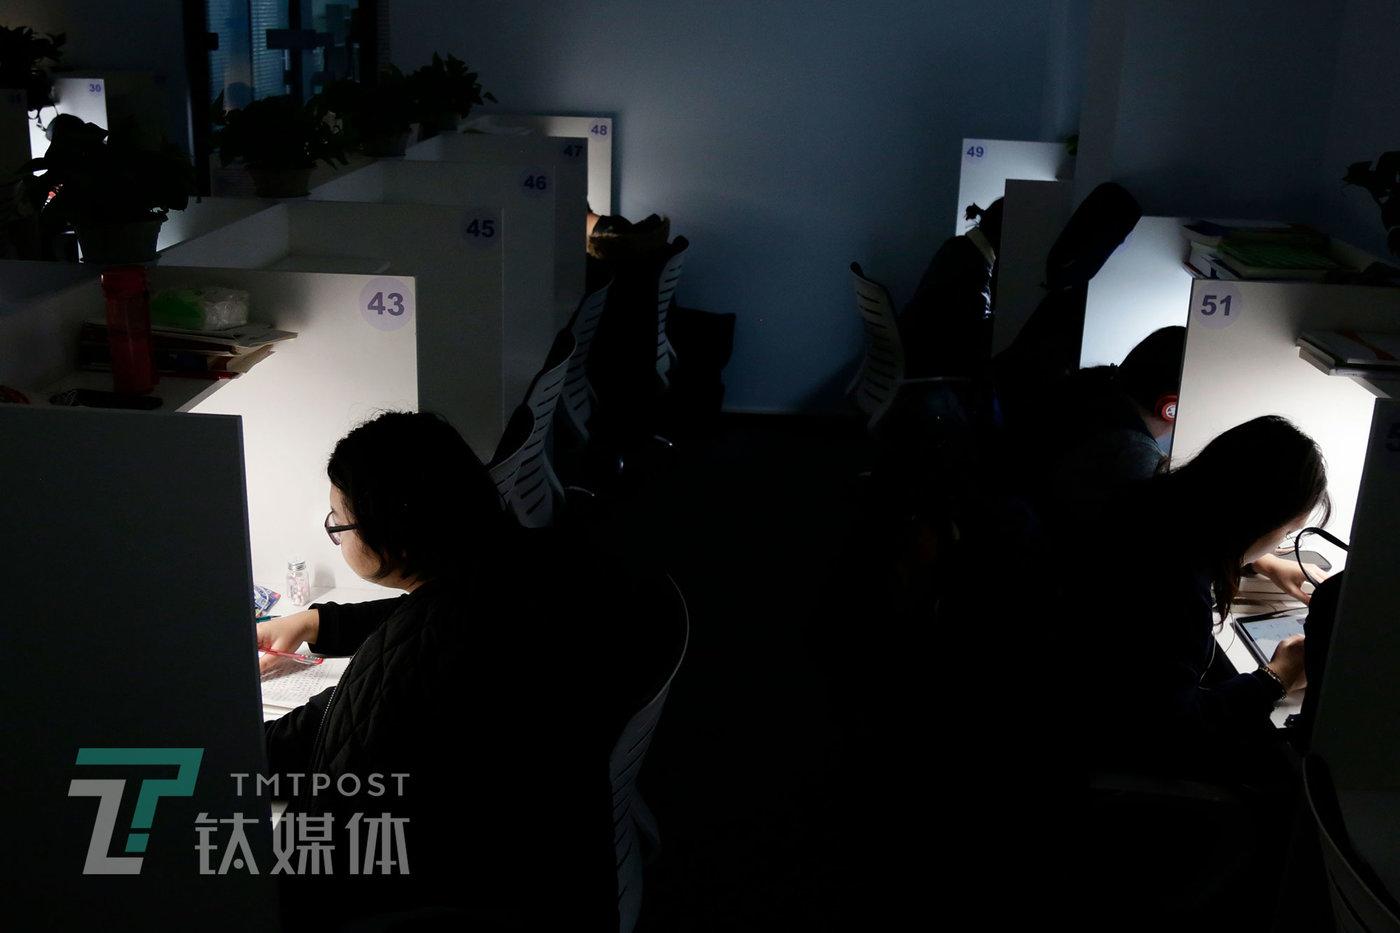 2019年11月20日19:00,顾客在格子间学习。